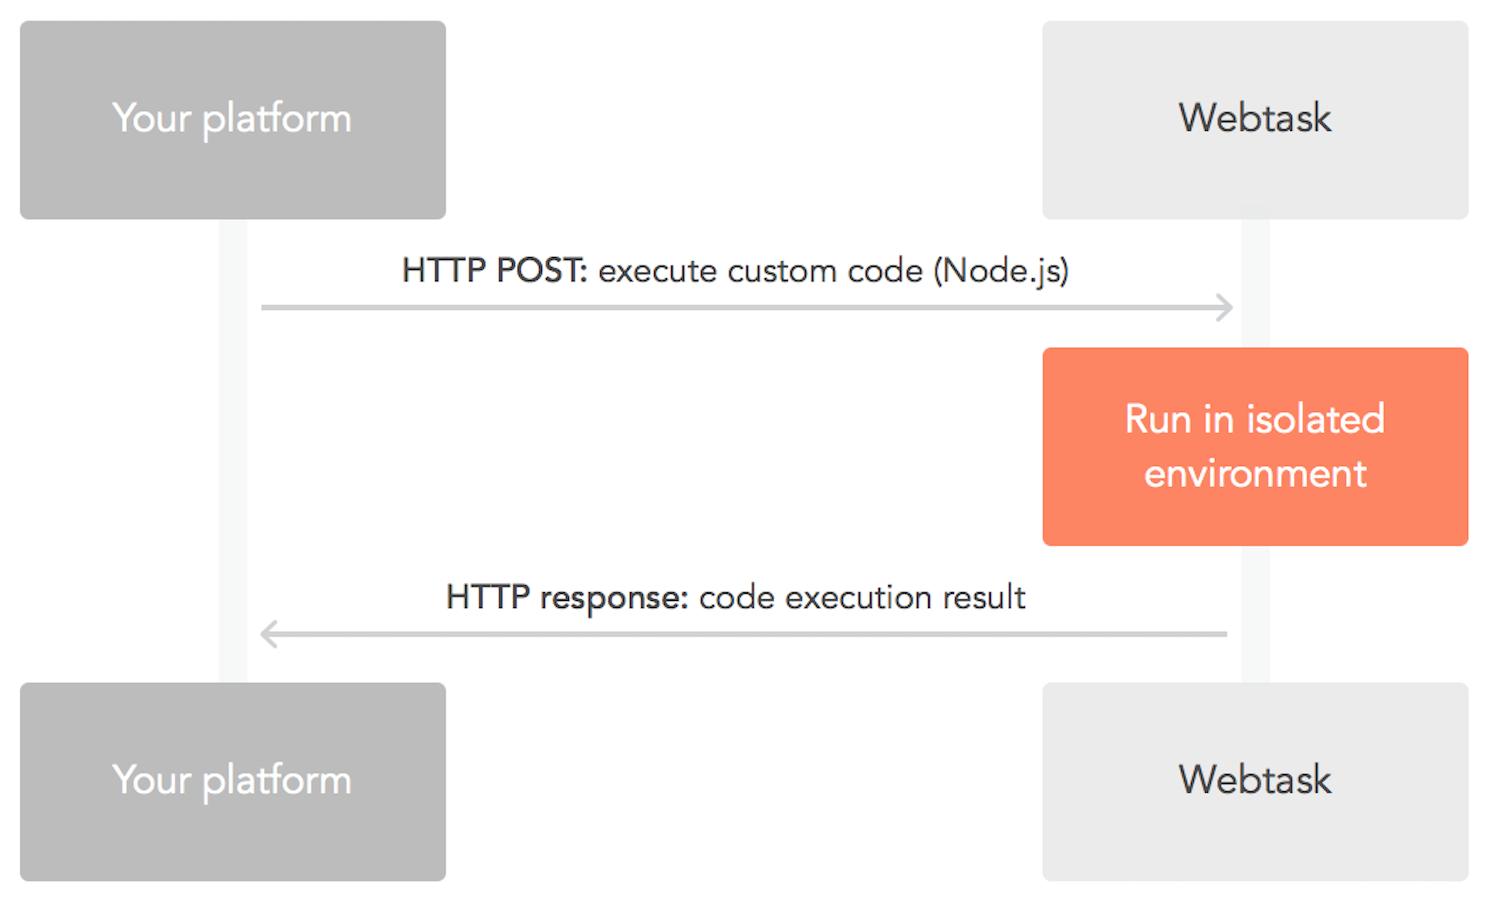 Webtask Extensibility